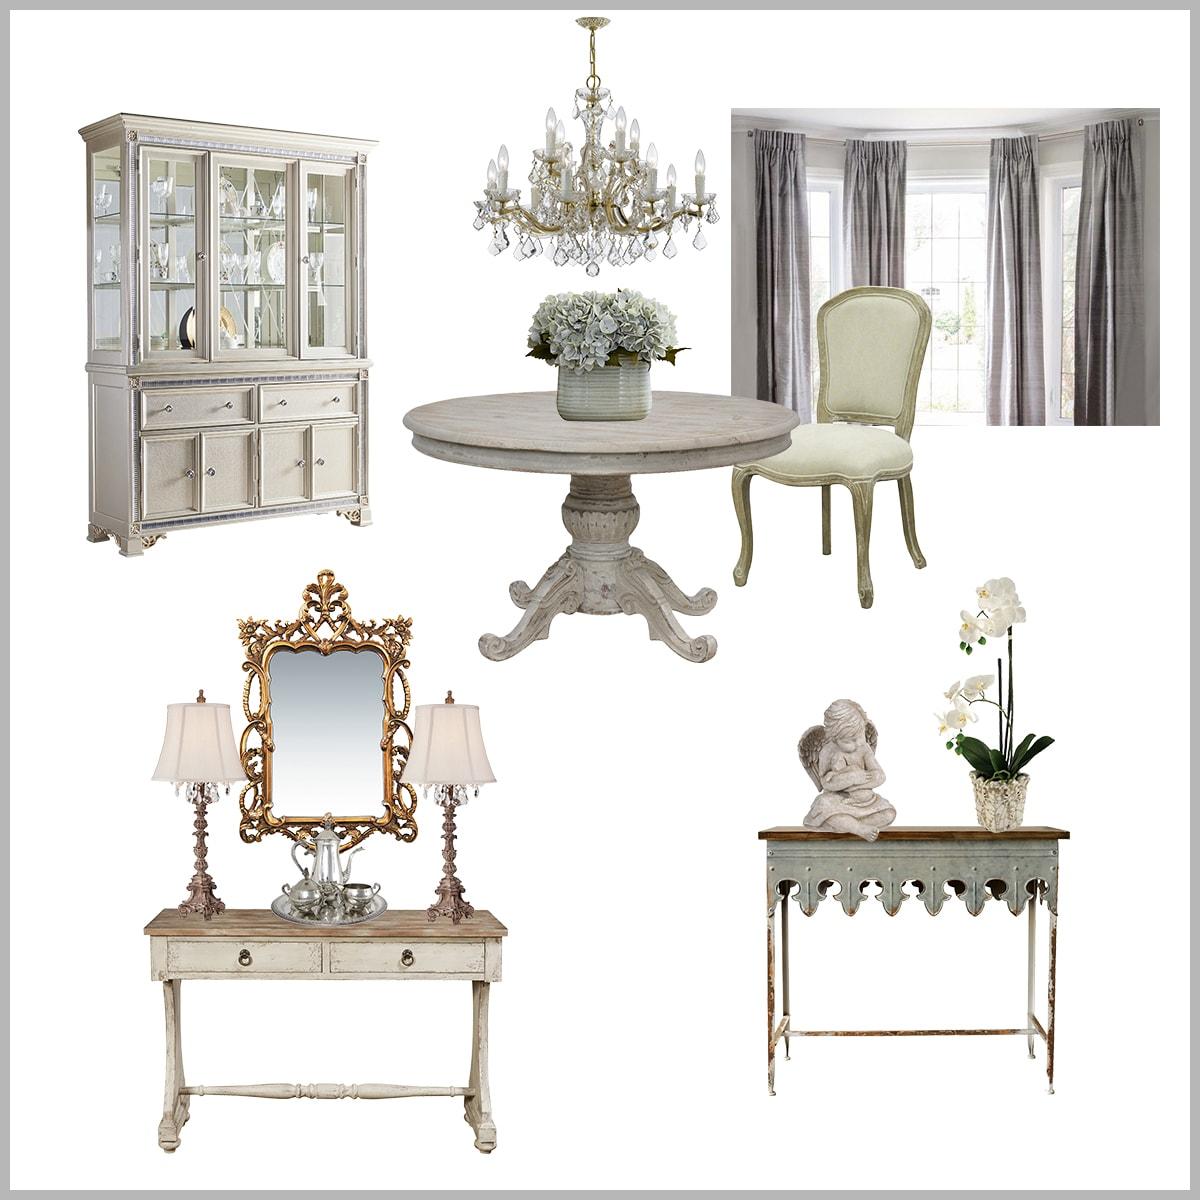 Reader design consultation | formal dining room plan | designthusiasm.com